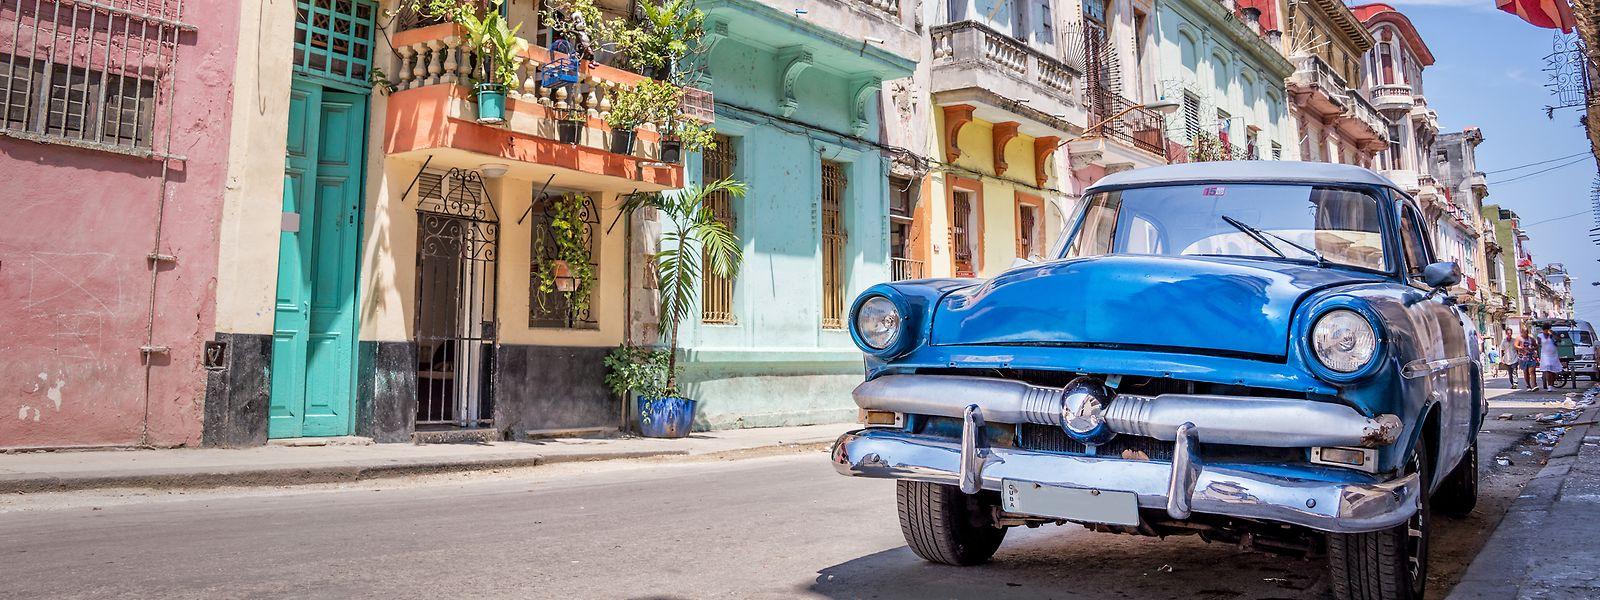 Kuba beweist zurzeit erstaunlichen Reformeifer.